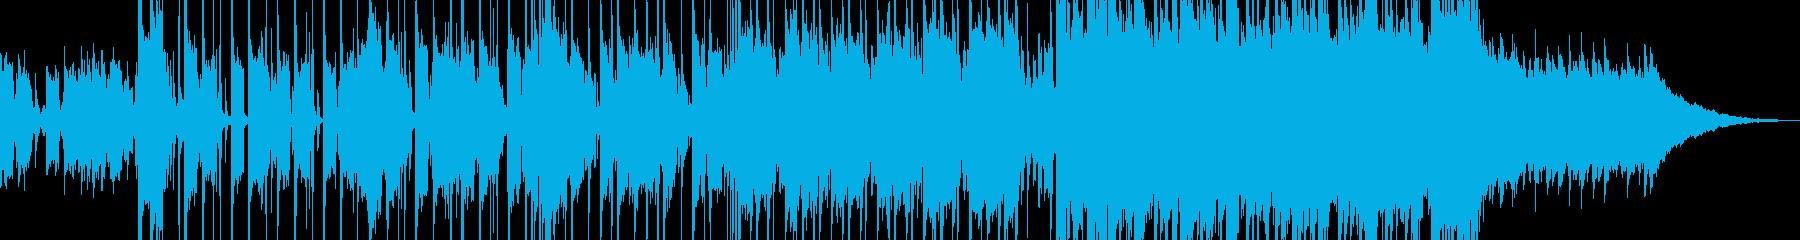 しんみりした雰囲気から感動的になる曲の再生済みの波形